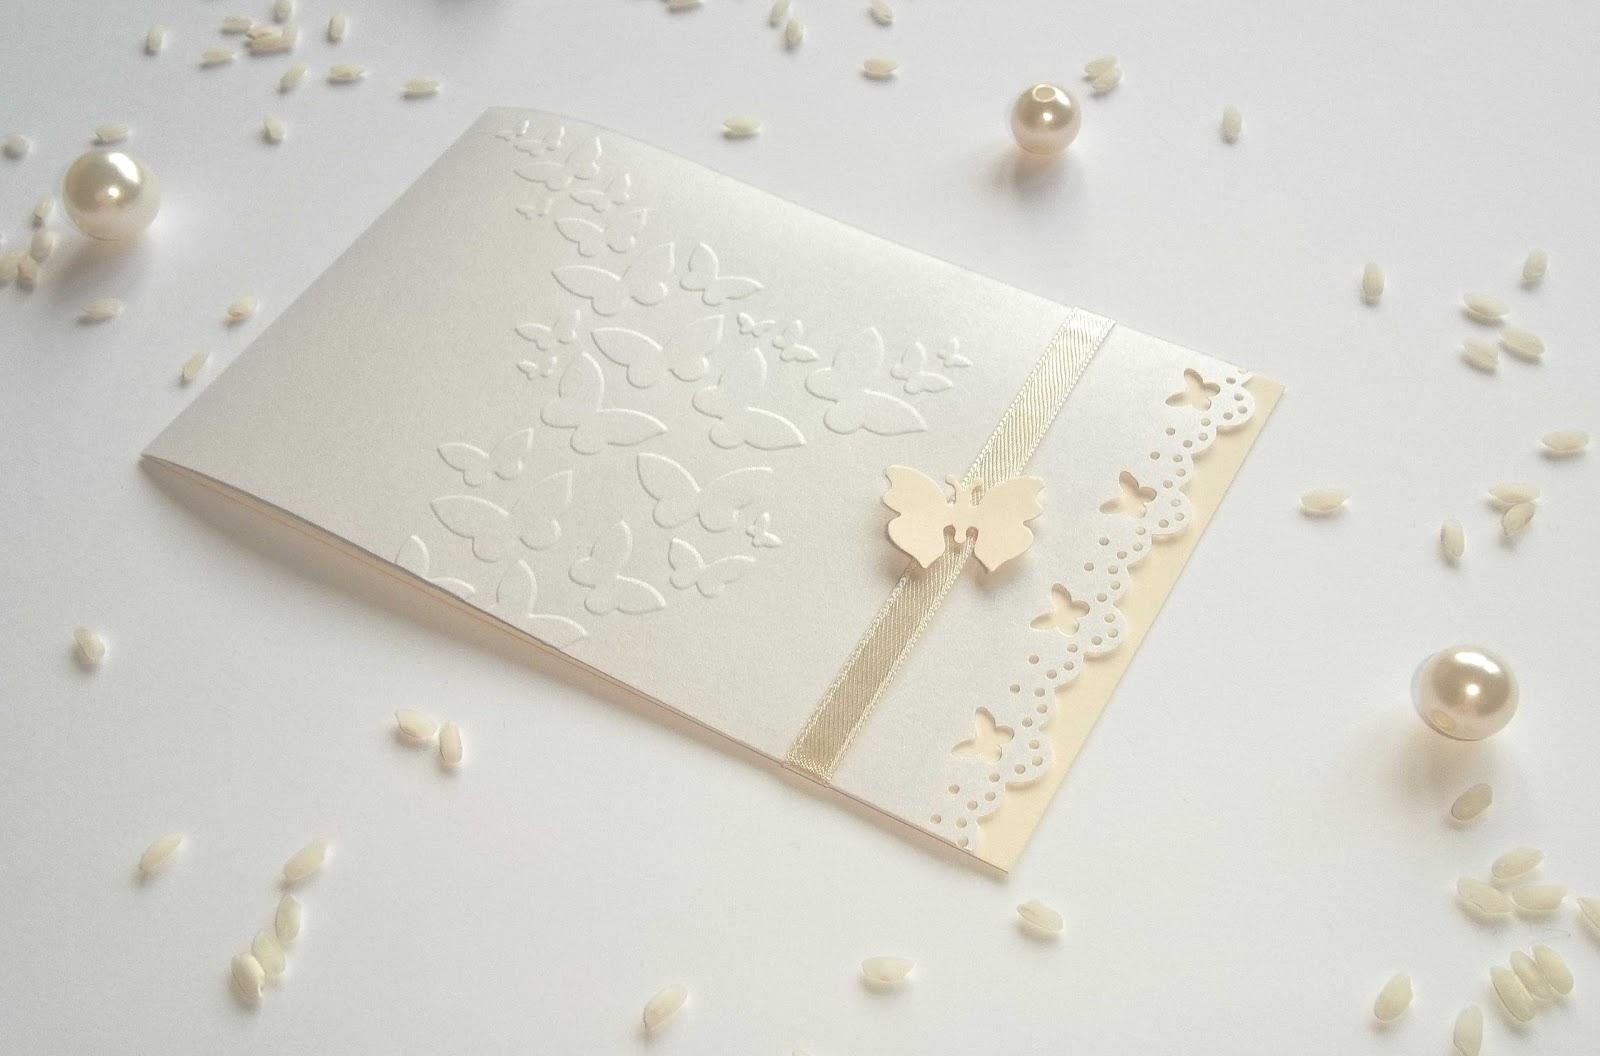 Inviti Matrimonio Azzurro : Sara crea partecipazioni eleganti per matrimonio e inviti